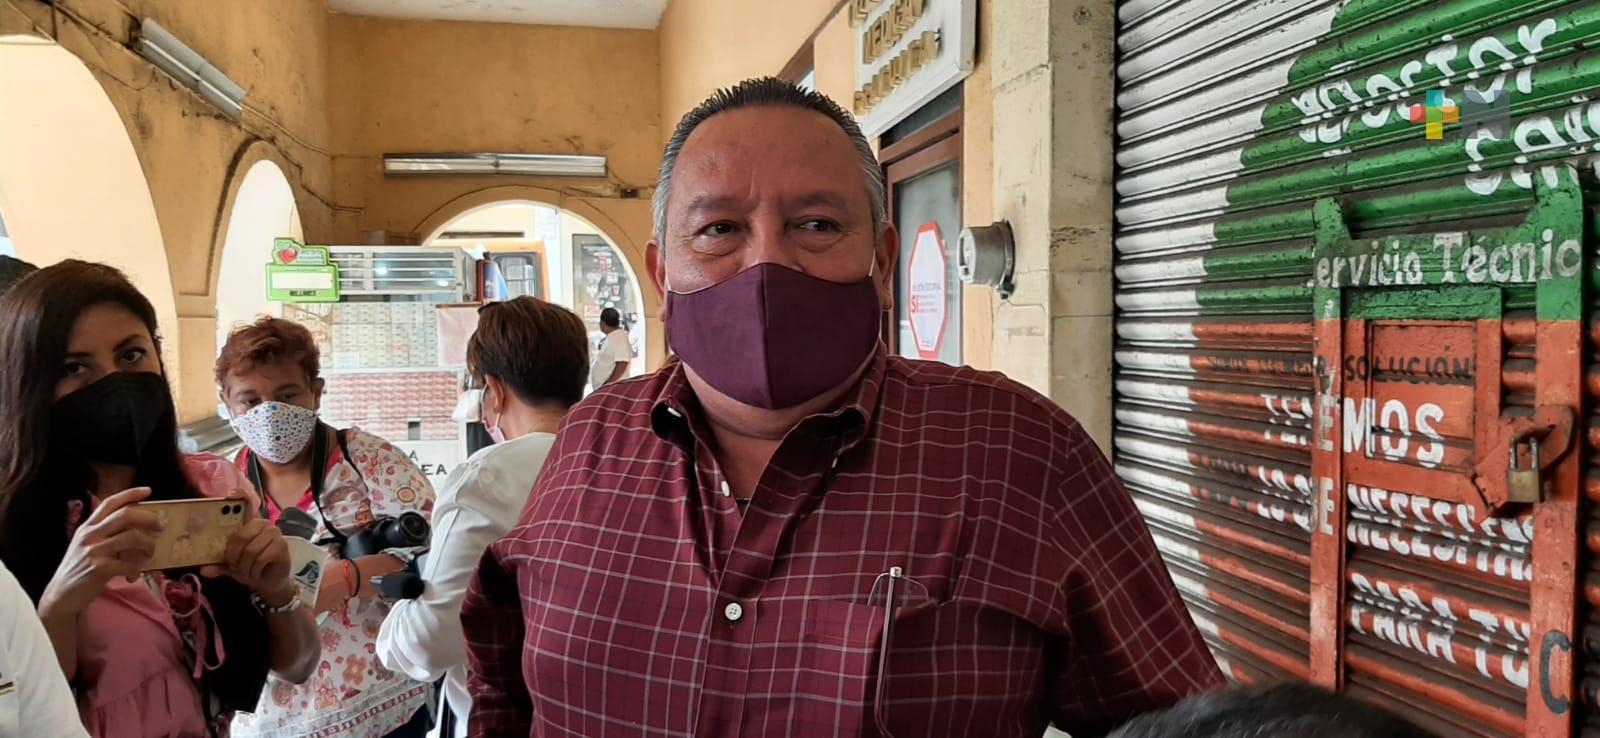 Diputado federal Benjamín Saúl Huerta, acusado de agresión sexual, ya solicitó su salida de bancada de Morena y del partido